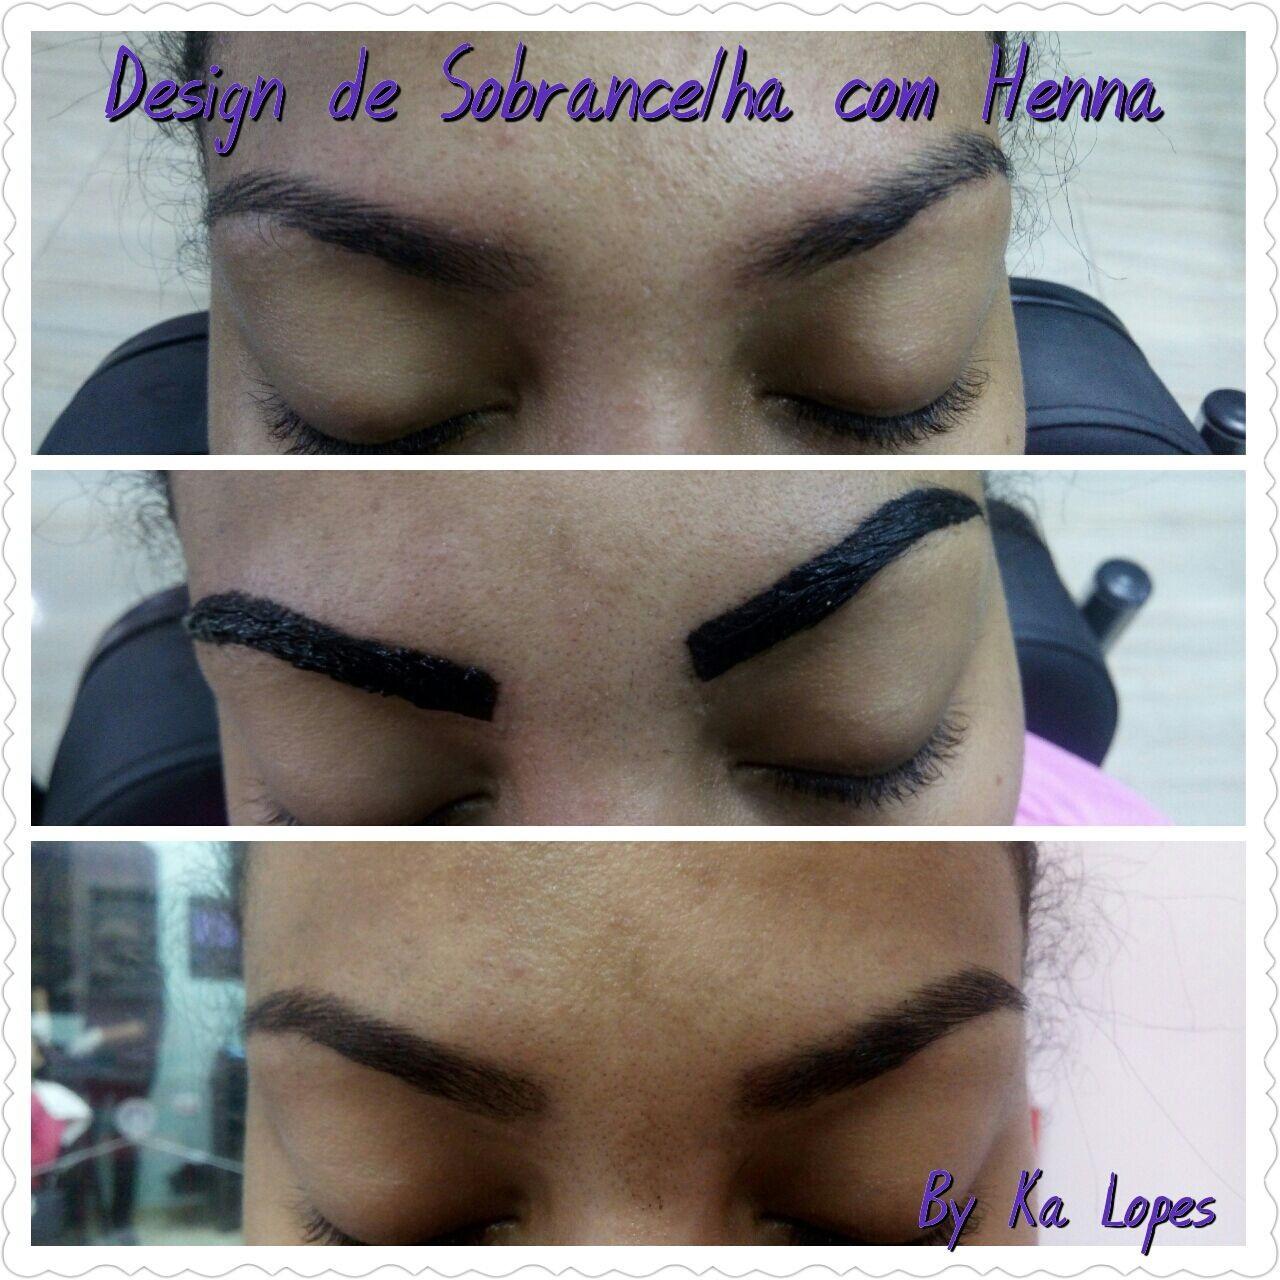 Design com Henna e correção de falhas outros depilador(a) designer de sobrancelhas